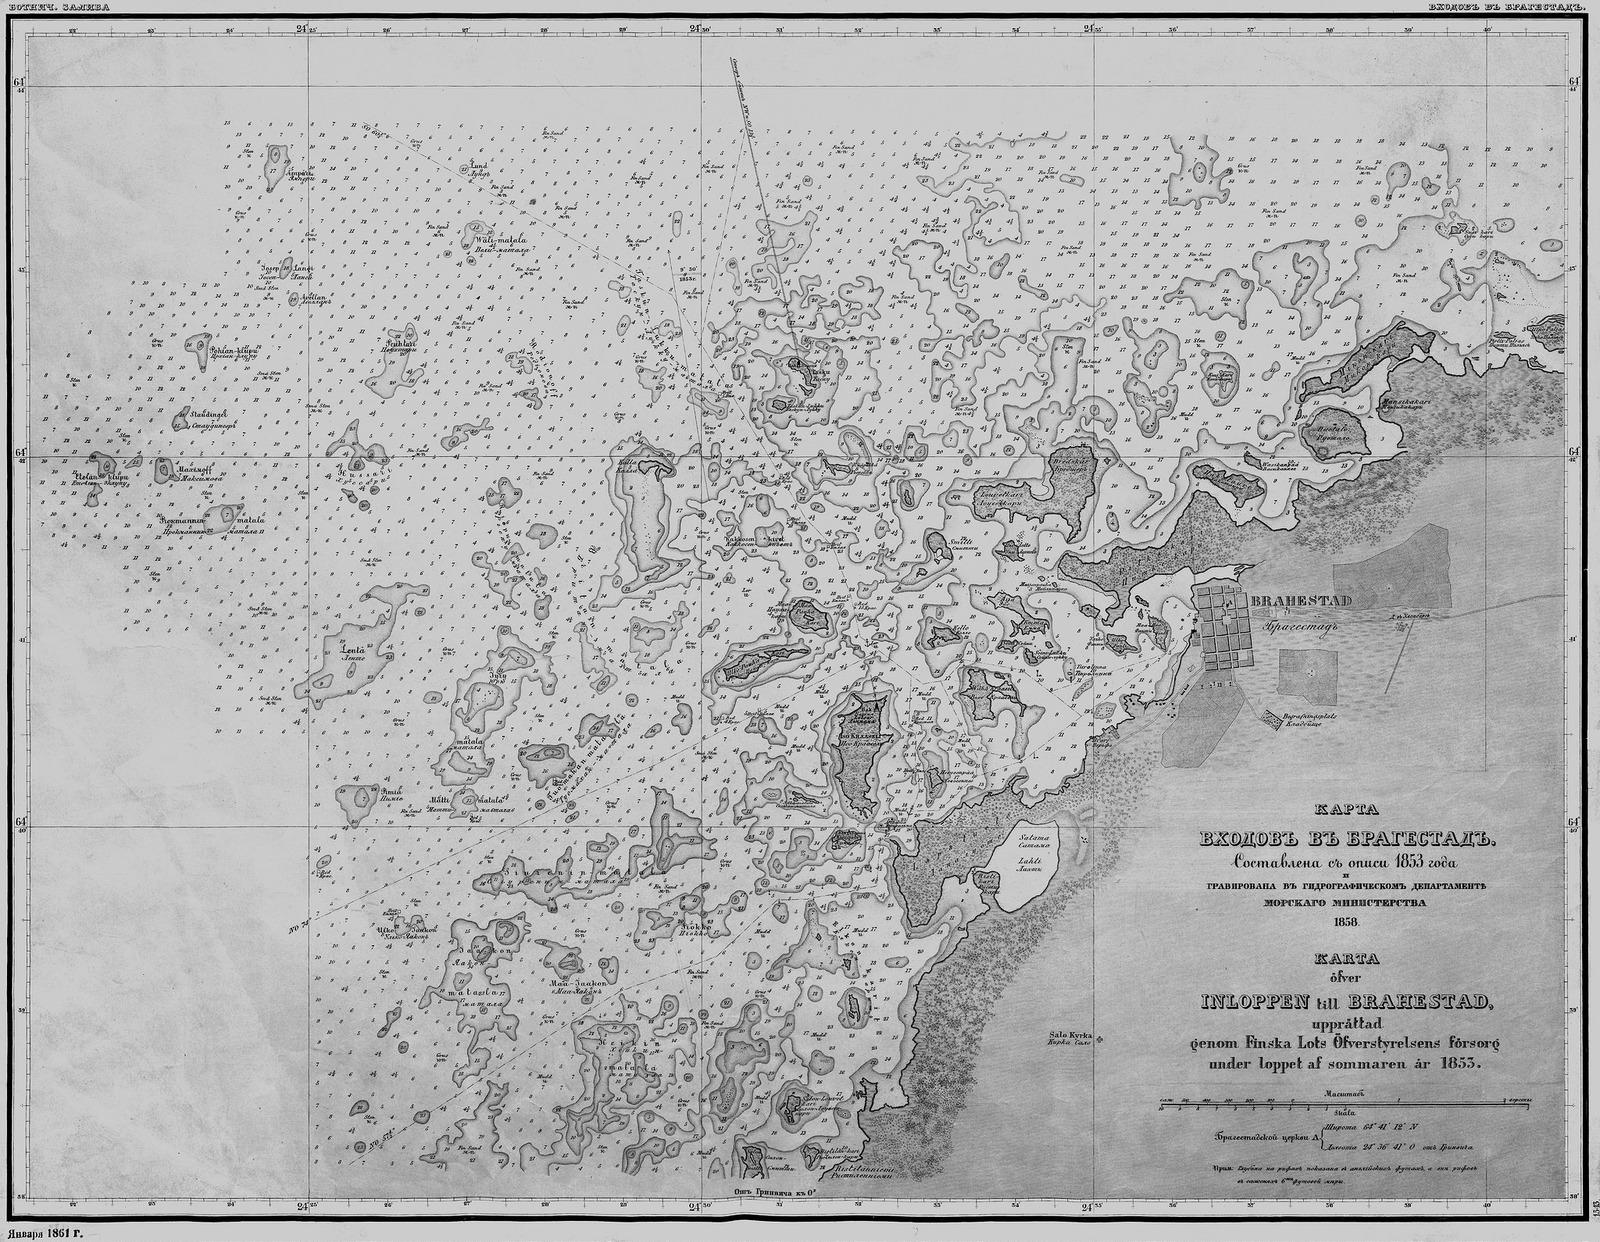 Карта входов в Брагестад_1858